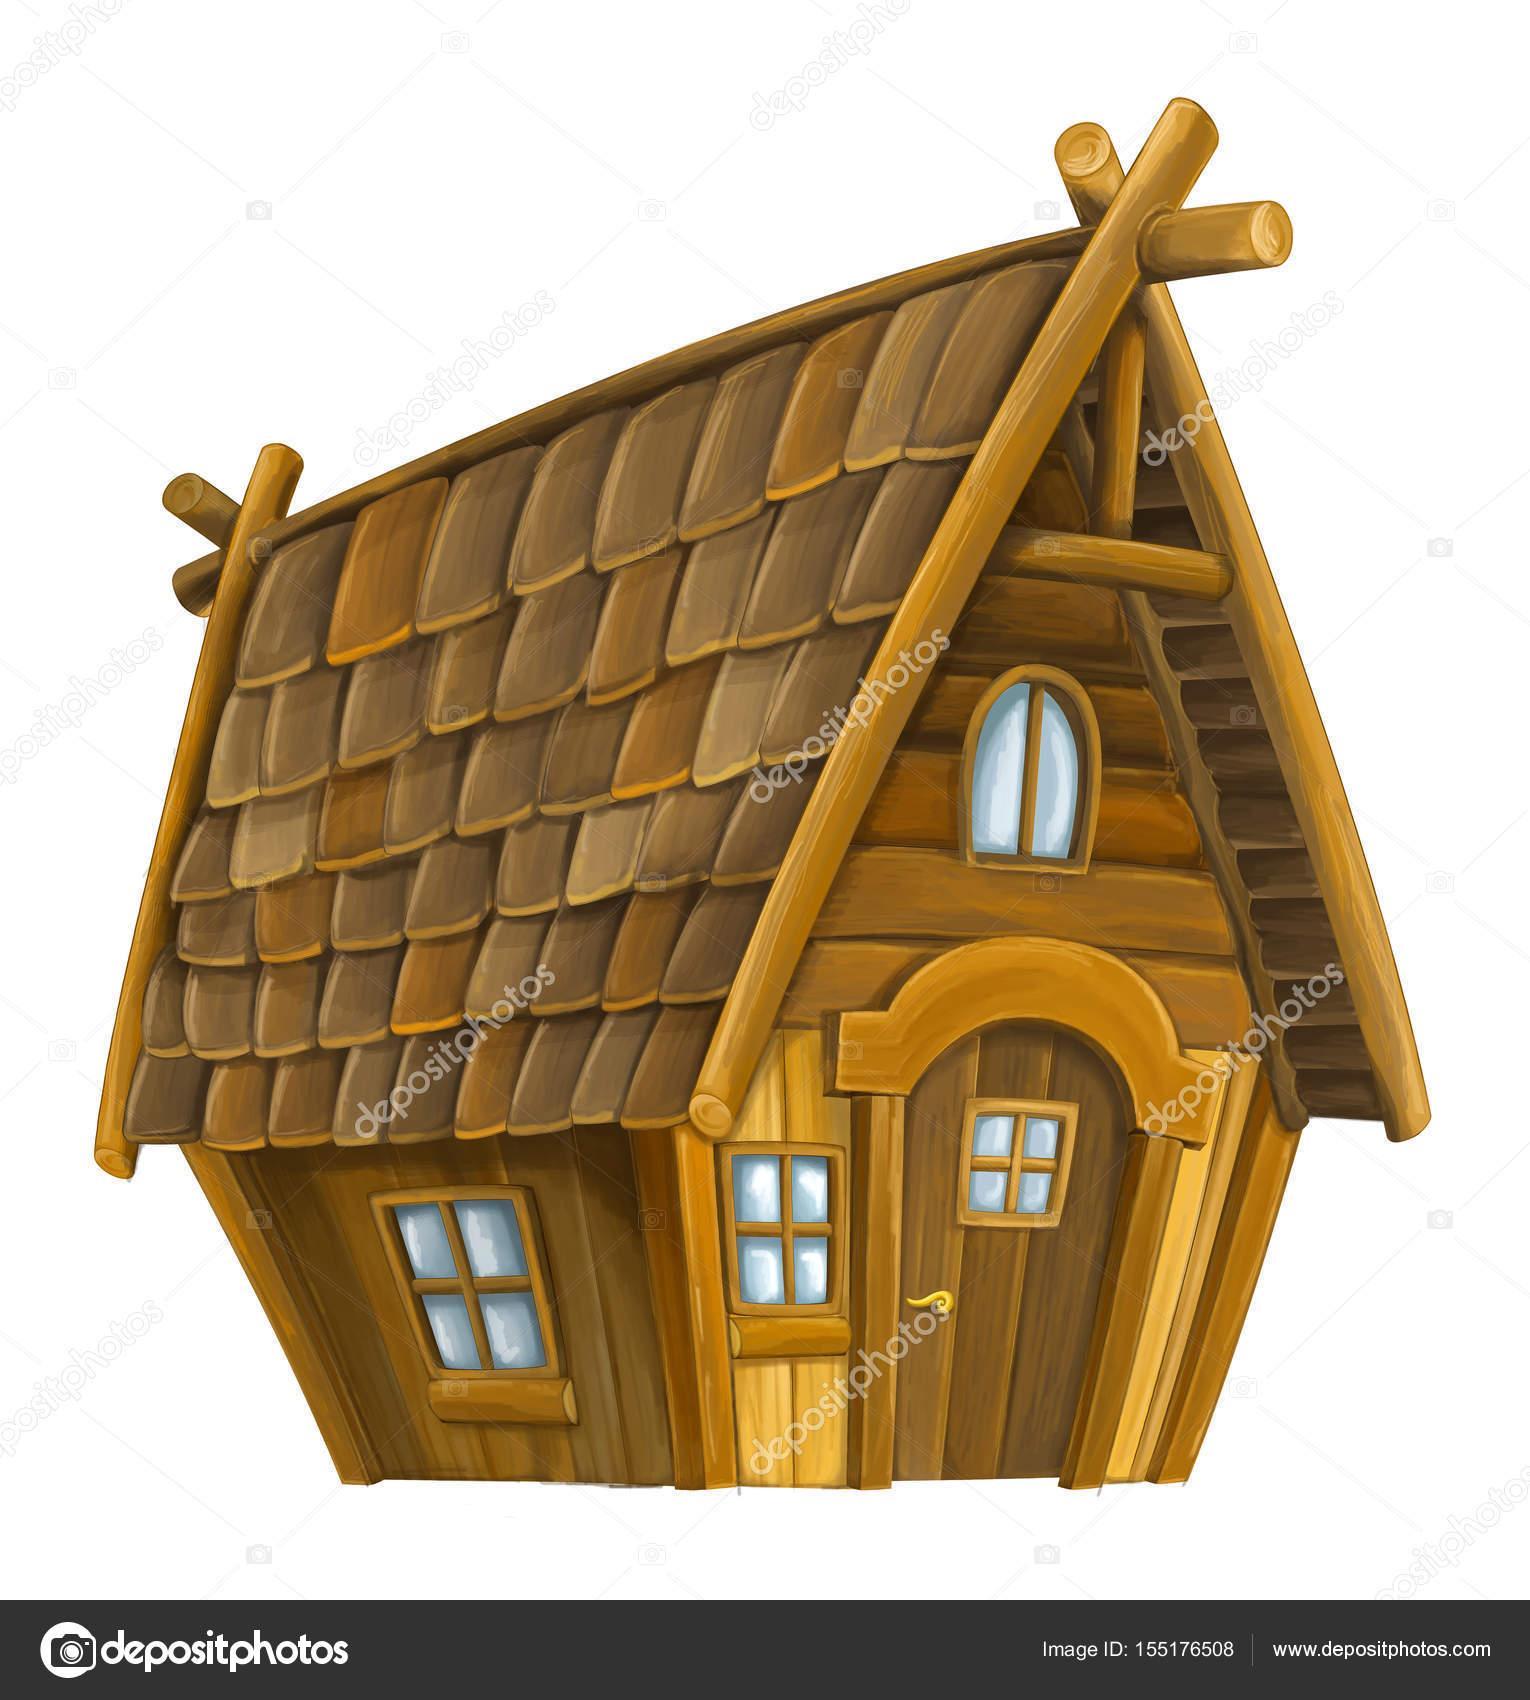 Dibujos Dibujo Casa De Madera Casa De Madera De Dibujos Animados